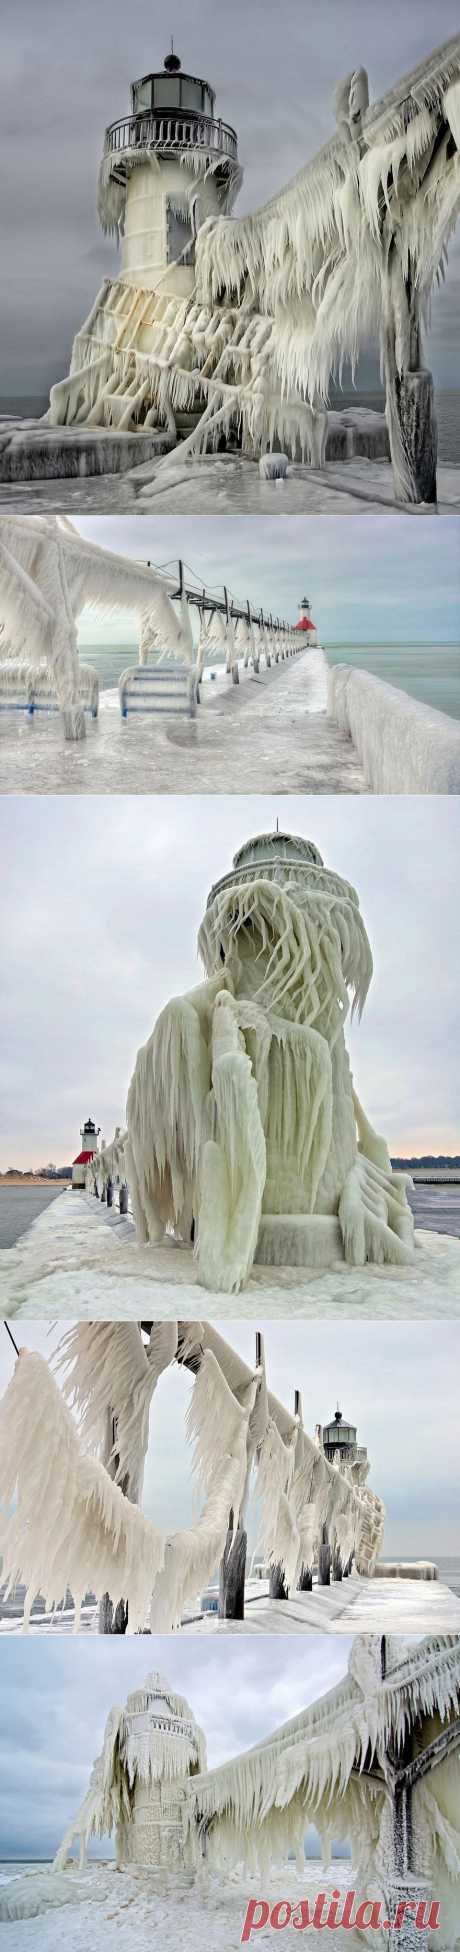 Потрясающие фотографии... Замёрзший маяк на озере Мичиган. 6 января 2014 года